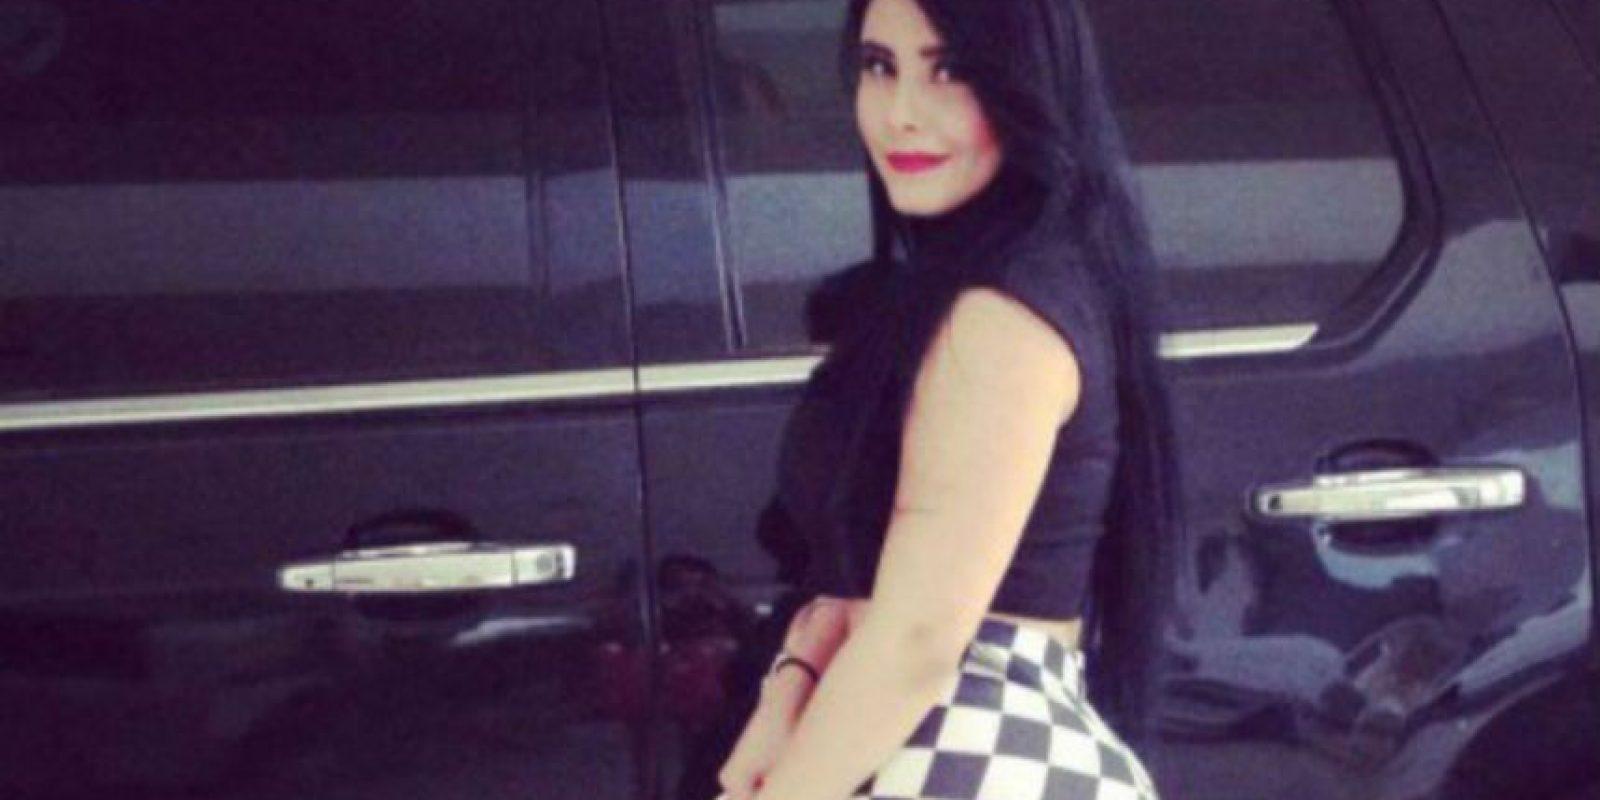 La joven de 19 años y reina de belleza de la Facultad de Contabilidad y Administración de la Universidad Autónoma de Sinaloa (UAS) fue muerta a balazos. Foto:Facebook